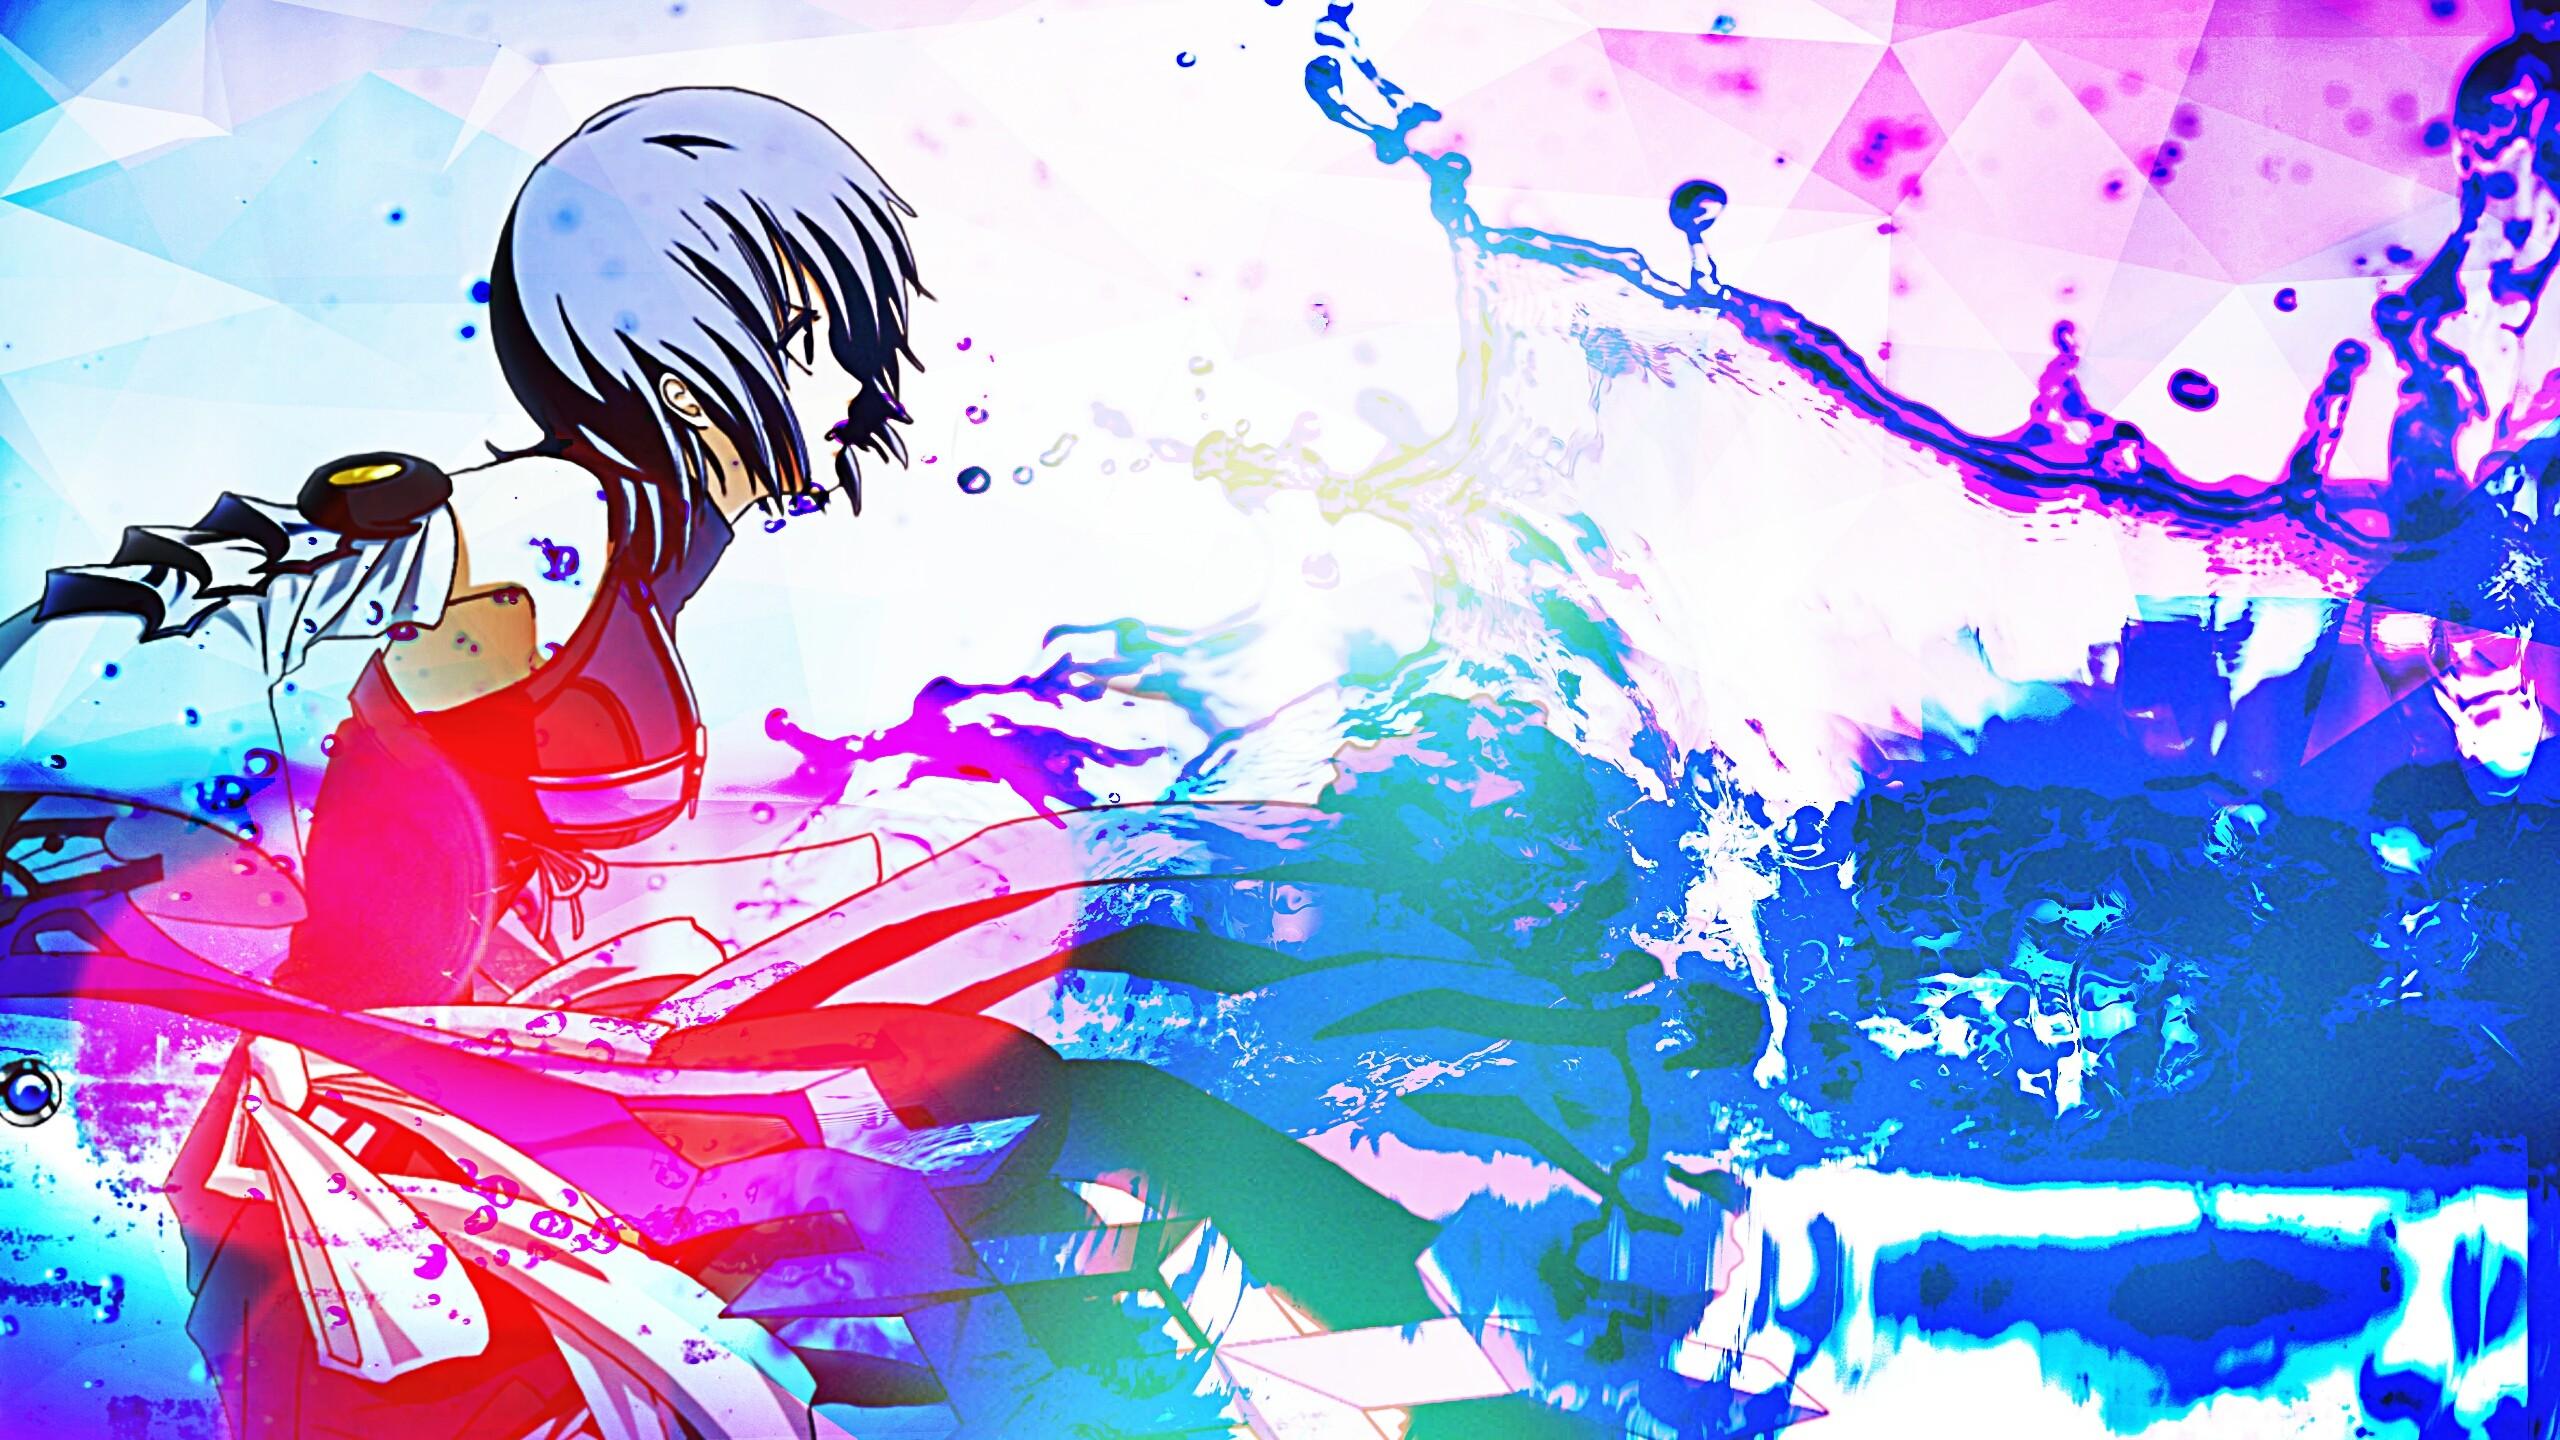 Noctisshadowlight96 Aqua - Kingdom Hearts 2.8 Background - HD Wallpaper